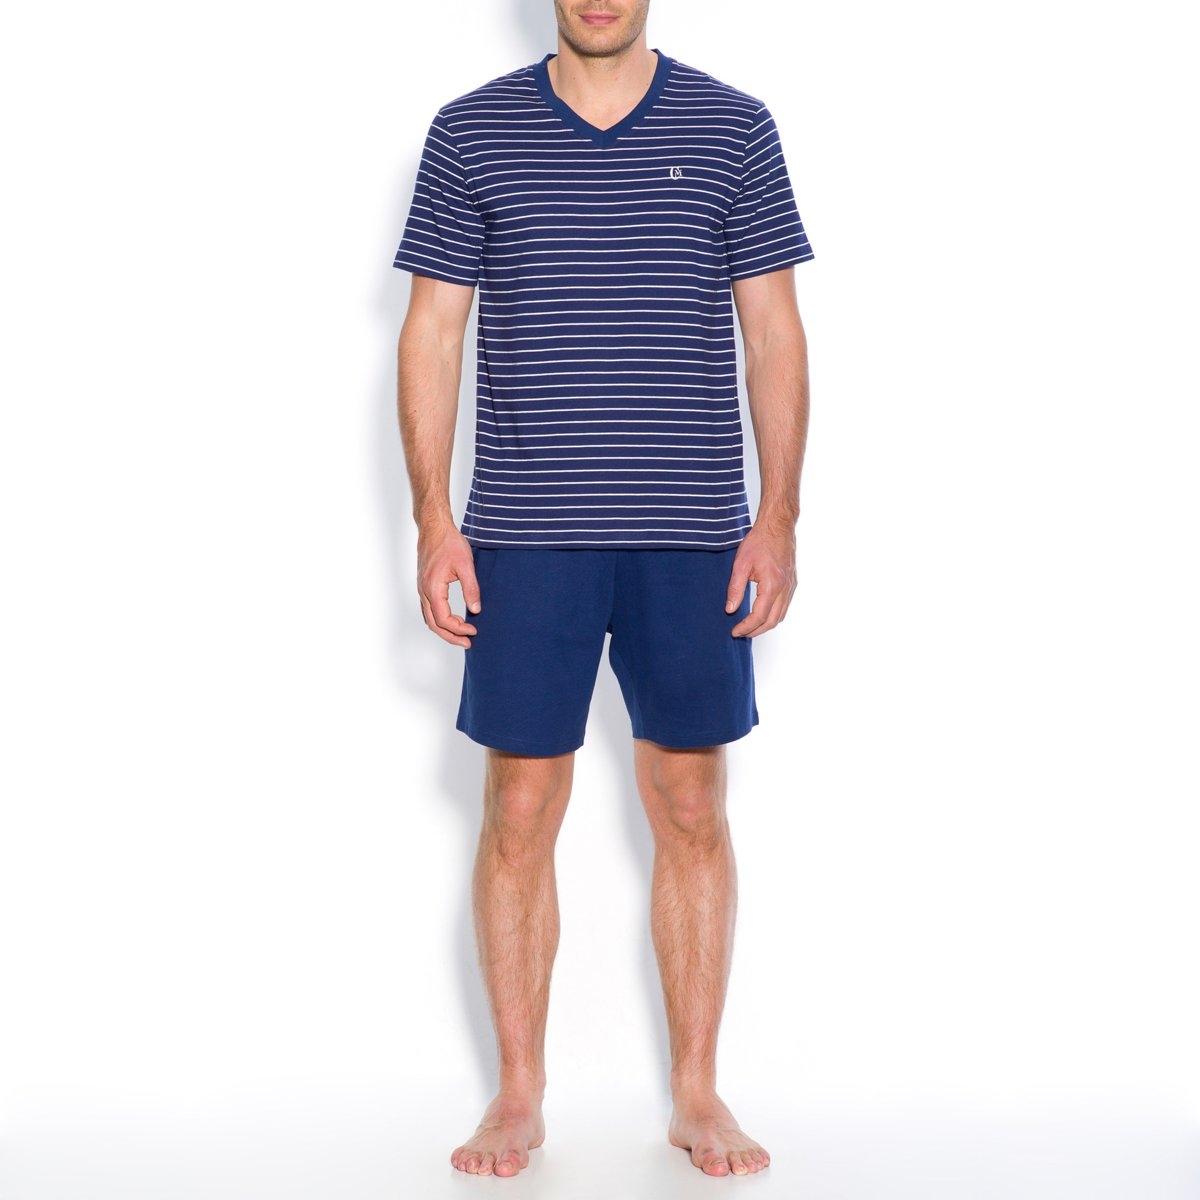 Пижама с шортамиДжерси, 100% хлопка. Футболка в полоску. V-образный вырез. Короткие рукава. Вышивка на груди. Однотонные шорты с эластичным поясом.  2 кармана по бокам.<br><br>Цвет: серо-синий в полоску,темно-синий в полоску<br>Размер: M.XXL.L.XL